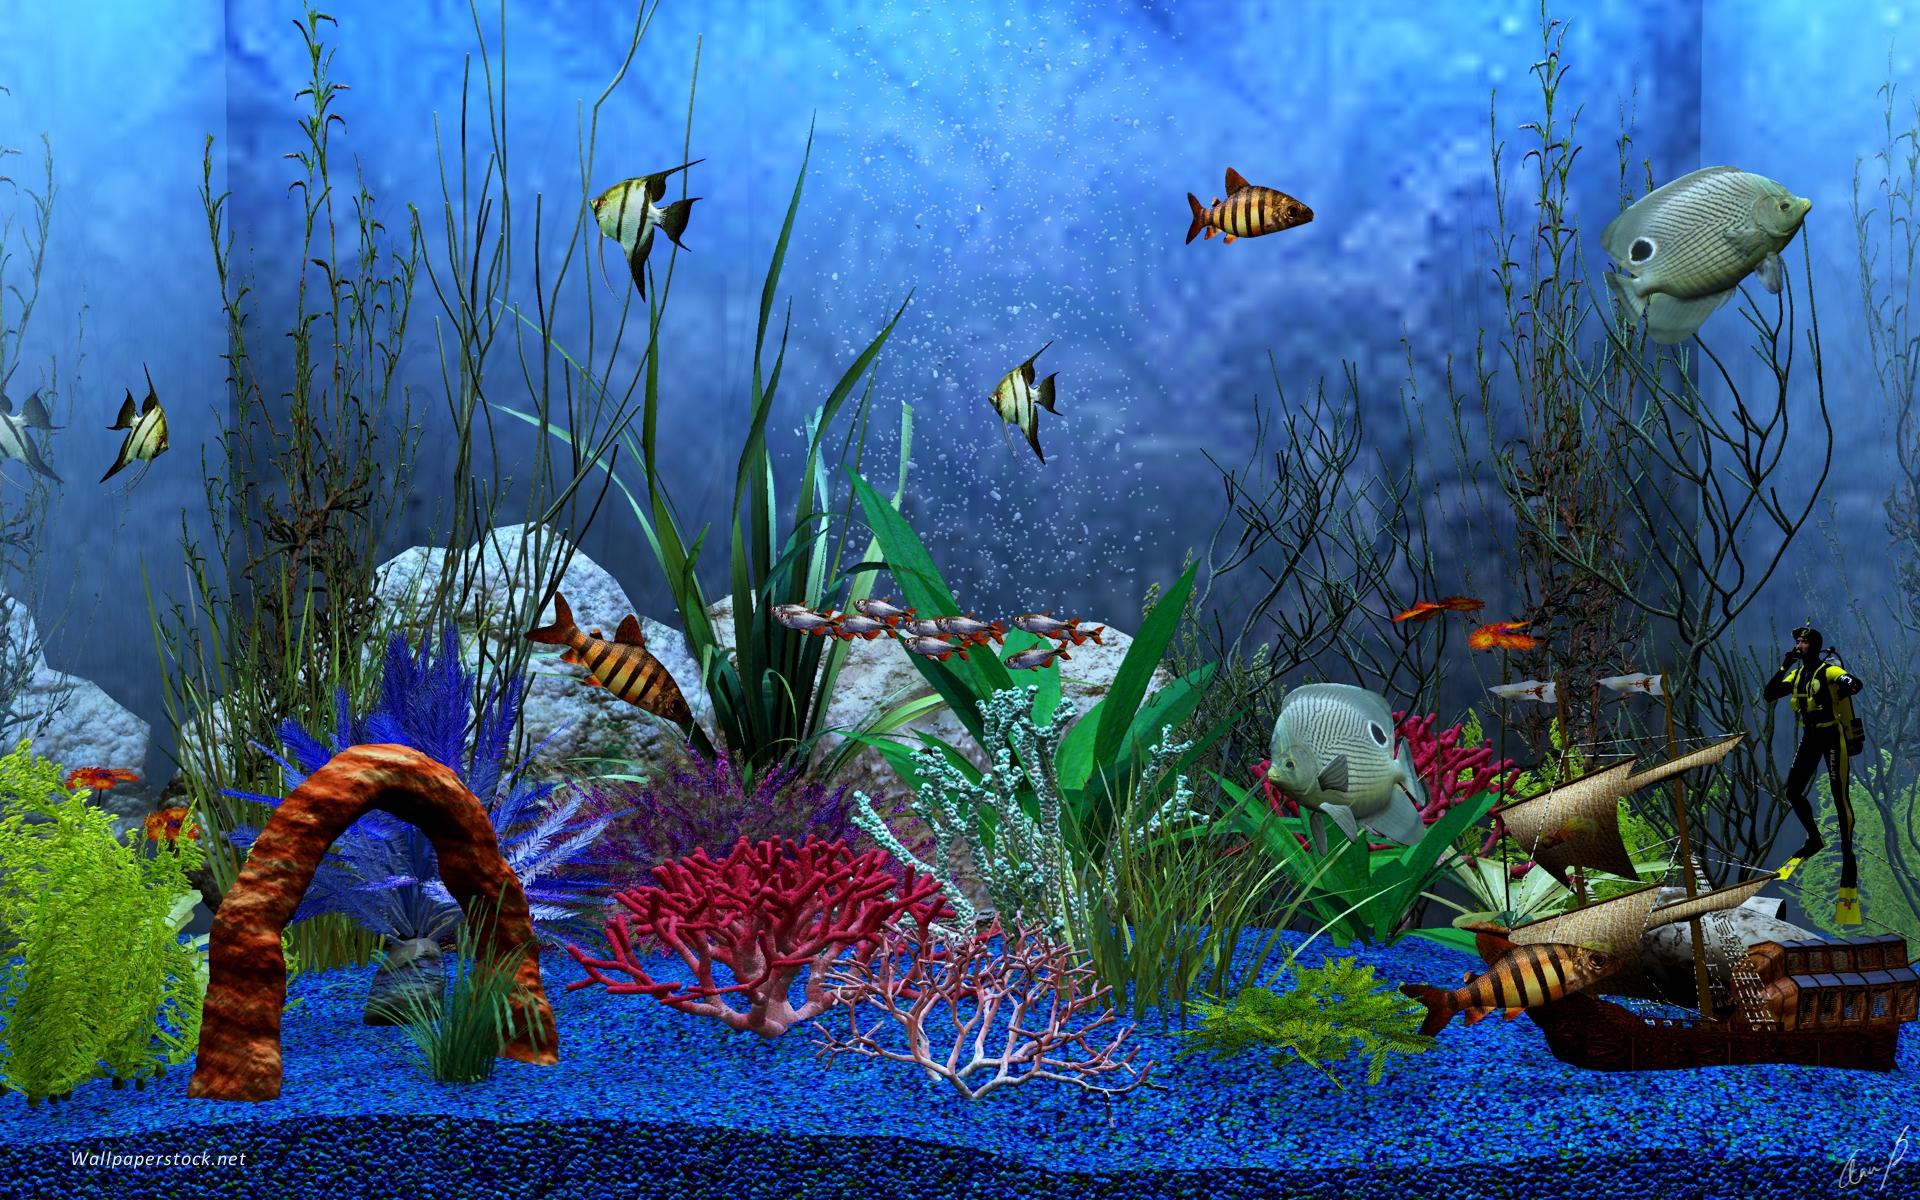 Aquarium anzeigen Hintergrundbilder Aquarium anzeigen frei fotos 1920x1200